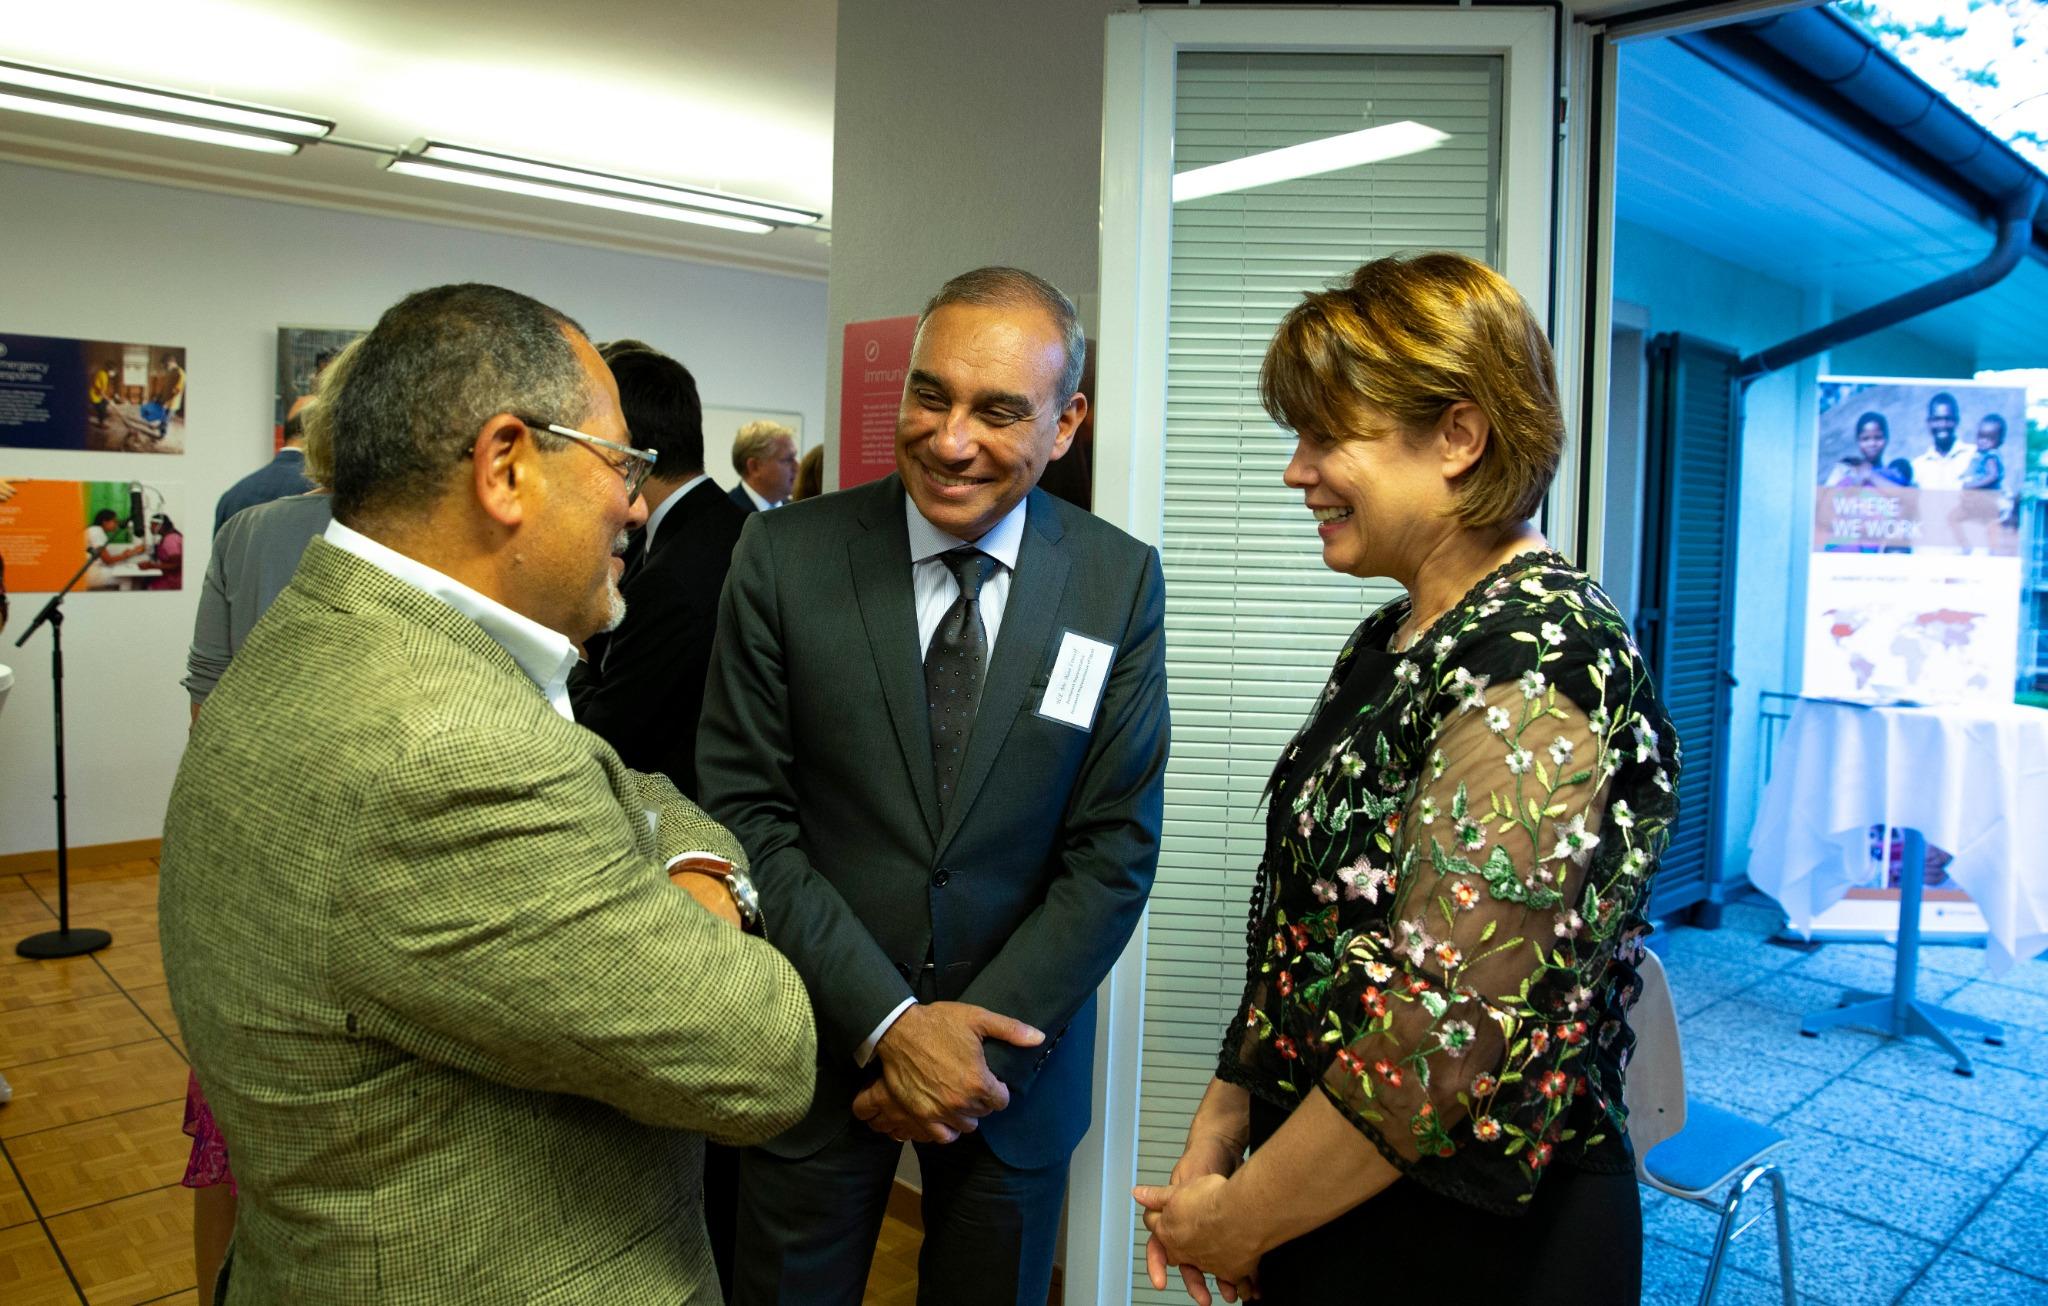 Hermana Sharon Eubank, presidenta de Latter-day Saint Charities, y primera consejera en la presidencia general de la Sociedad de Socorro, habla a Ibrahim Salama, a la izquierda, jefe de la Oficina del Alto Comisionado de la ONU, y a H.E. Sr. Alaa Zakaria Youssef, a la derecha, representante permanente de Egipto, al asistir a una recepción en Ginebra, Suiza, el 16 de septiembre de 2019.